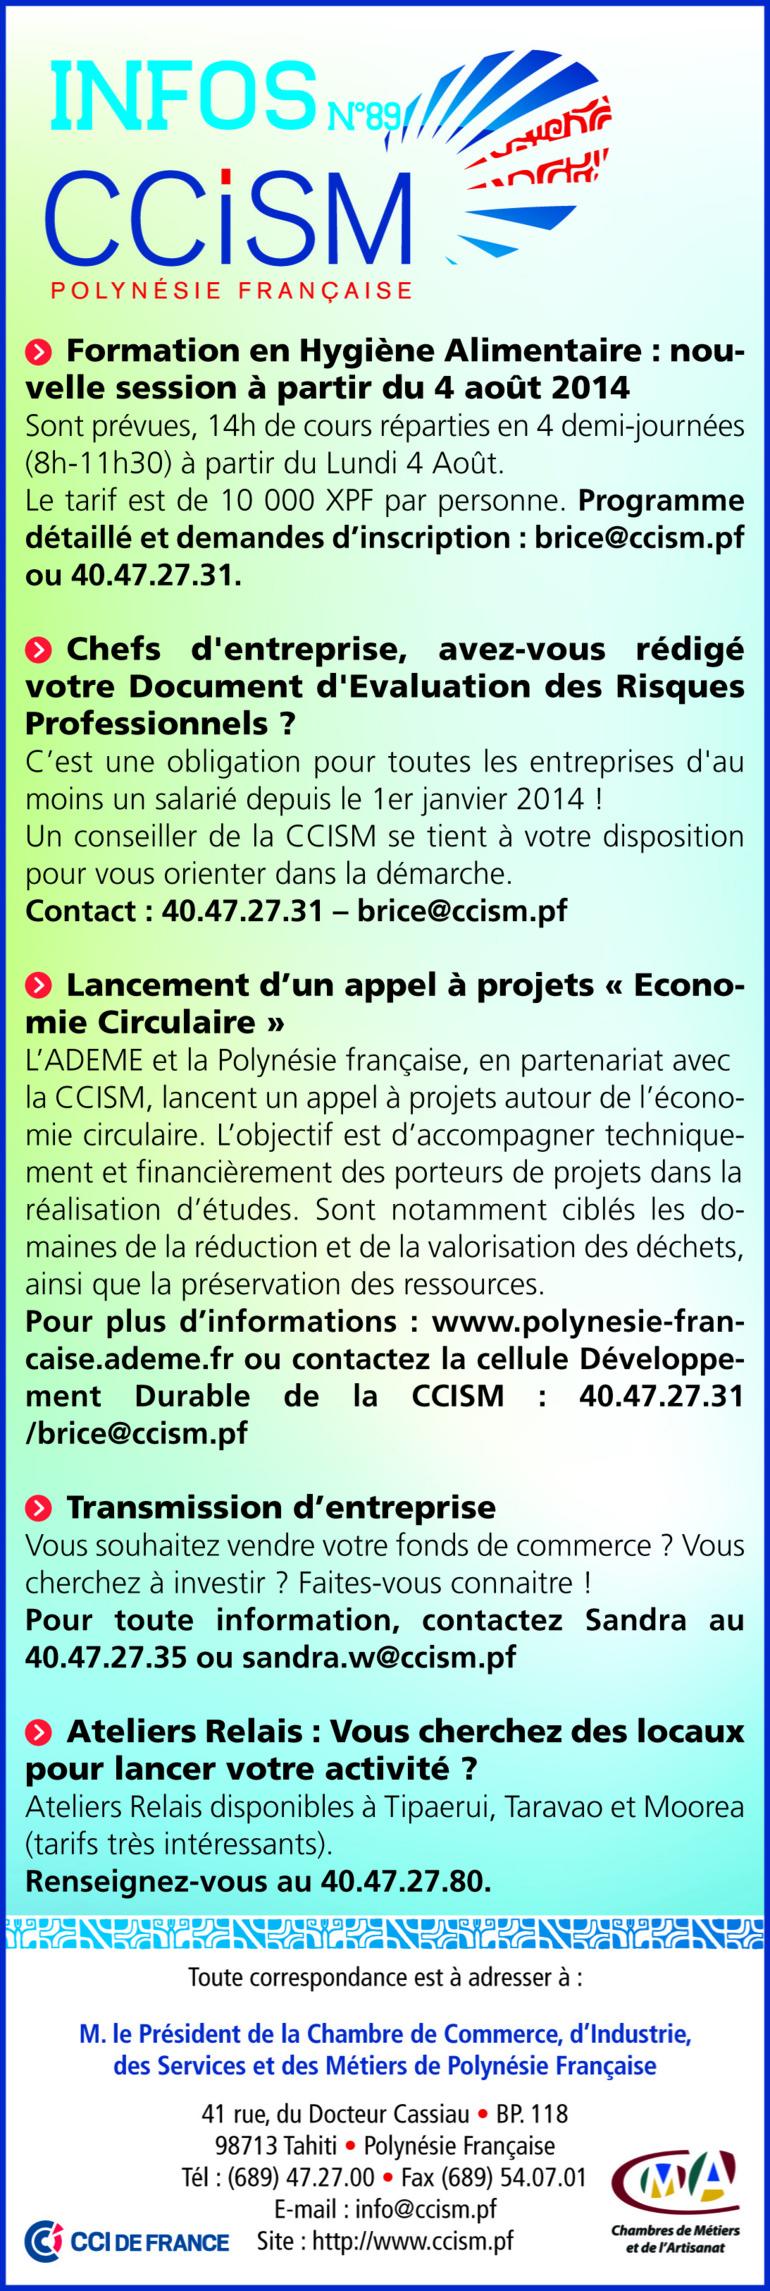 Infos CCISM N°89